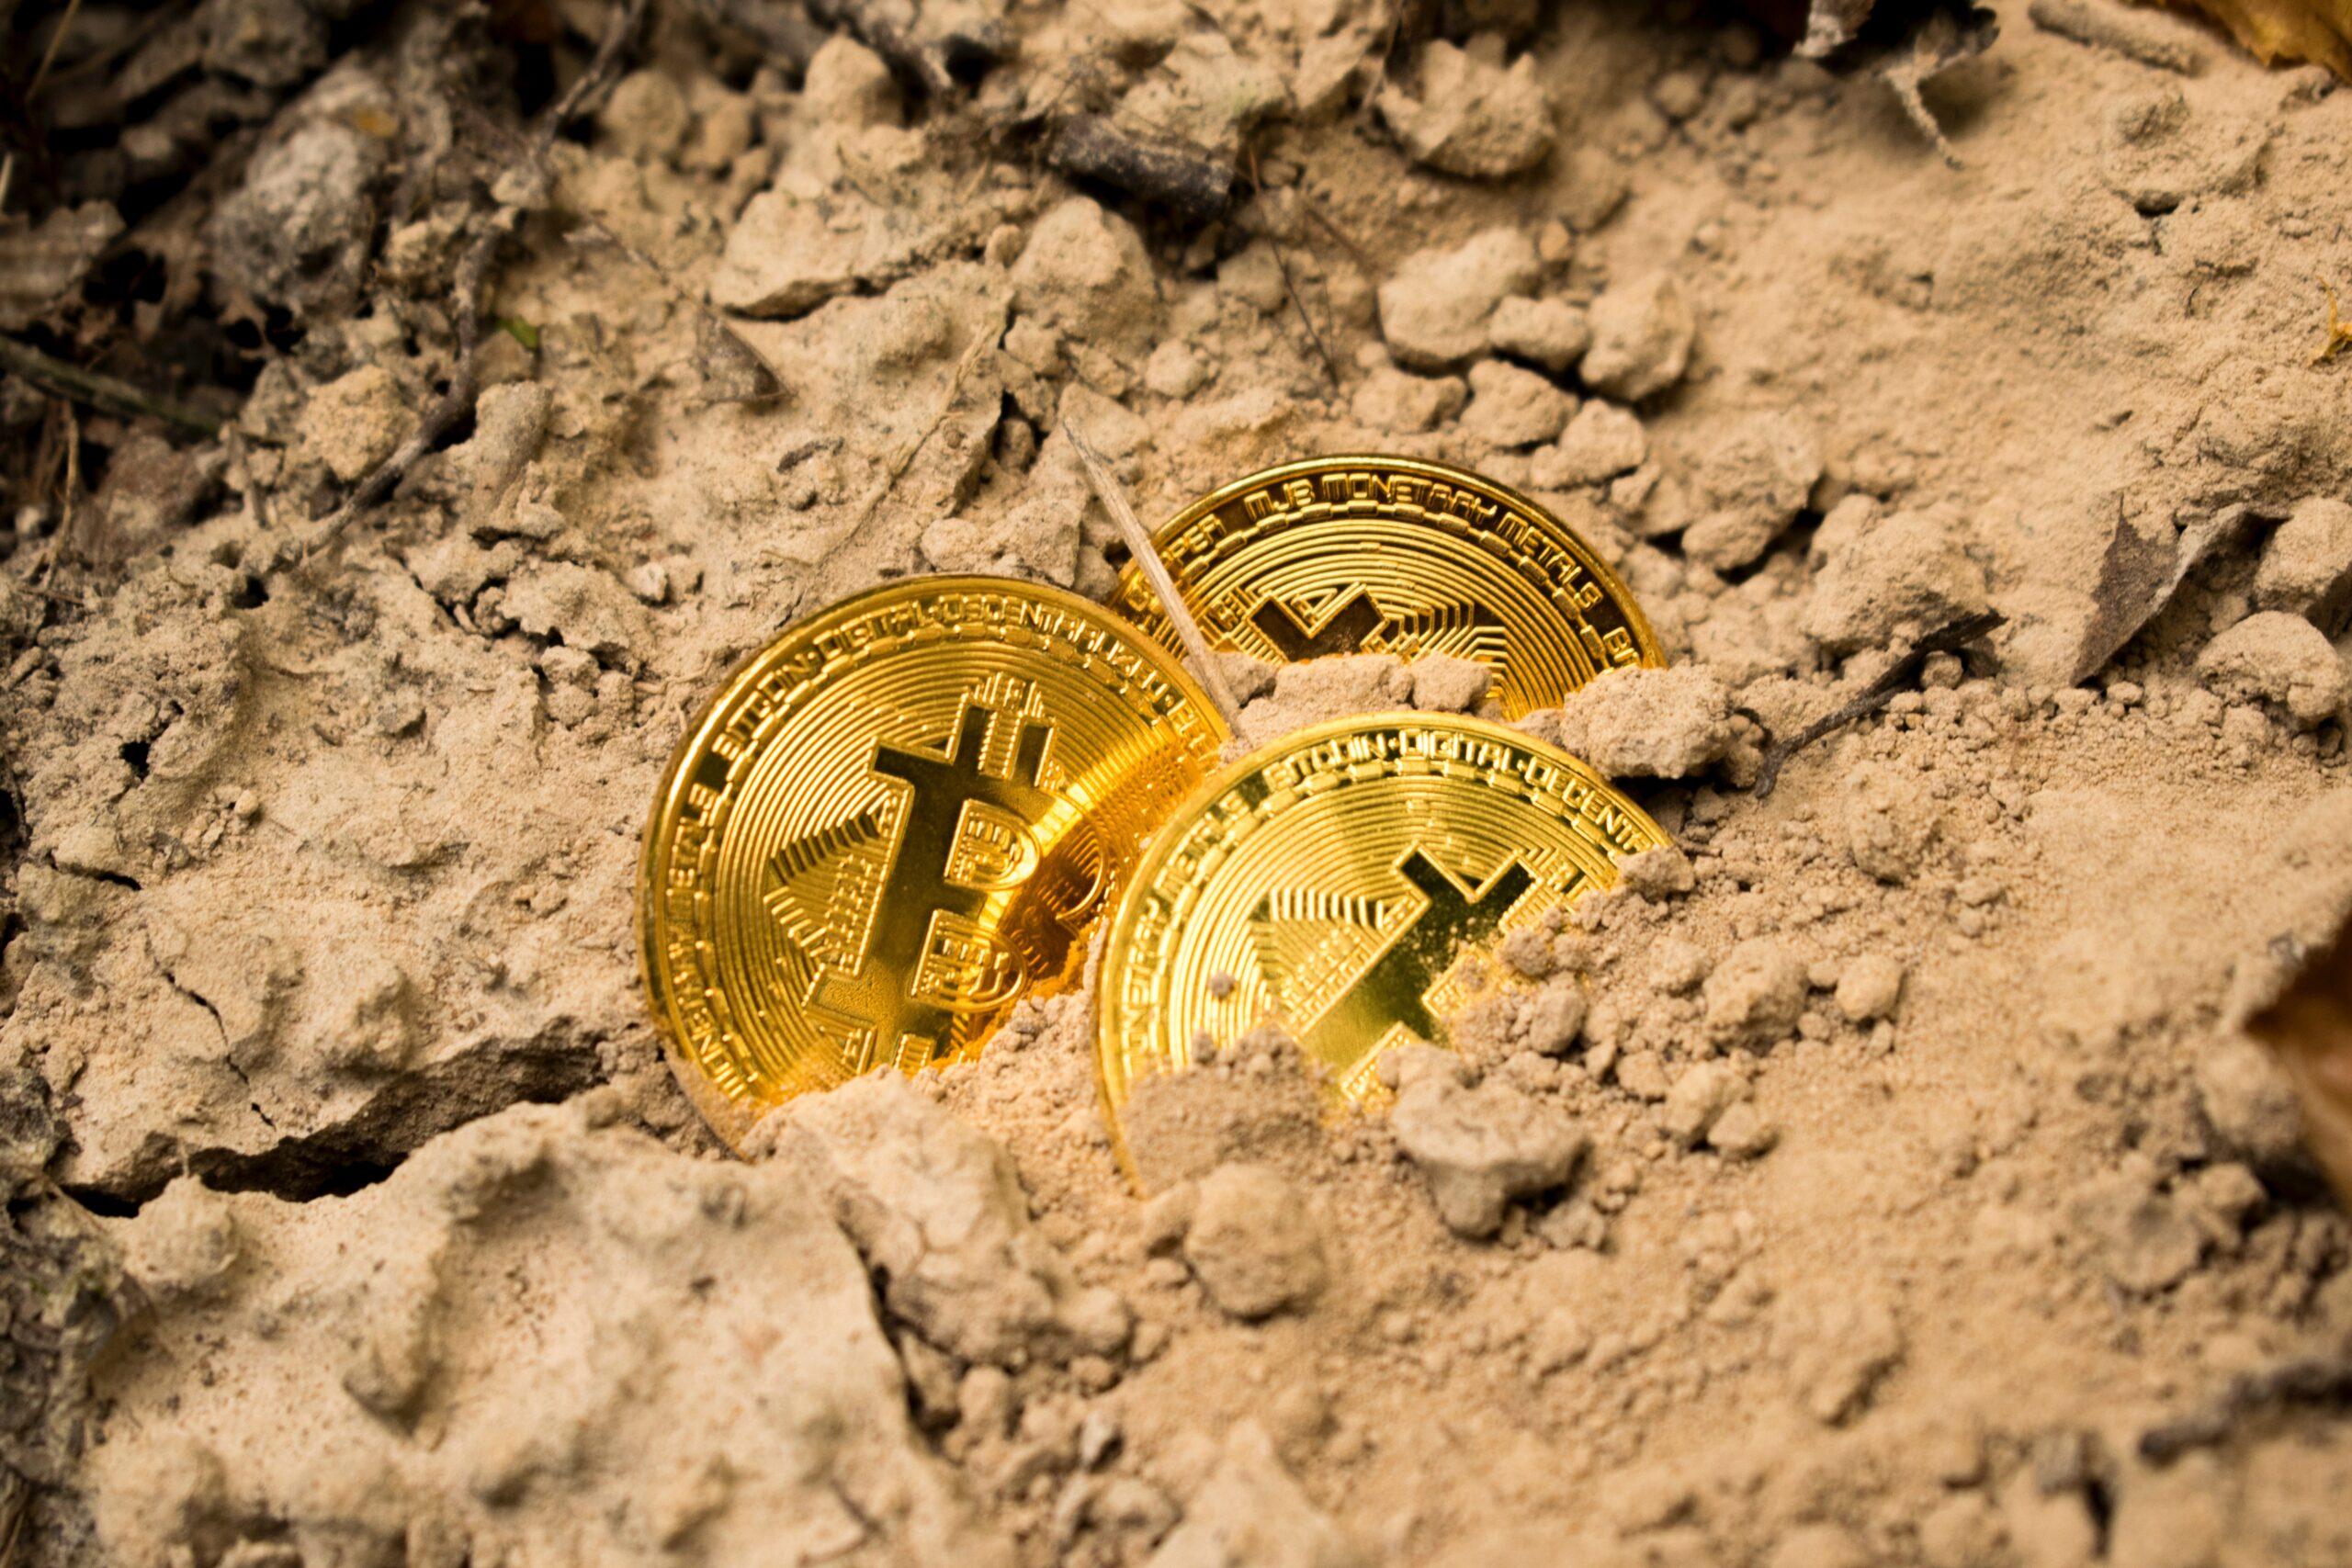 Minerar Bitcoin Impacto Meio Ambiente